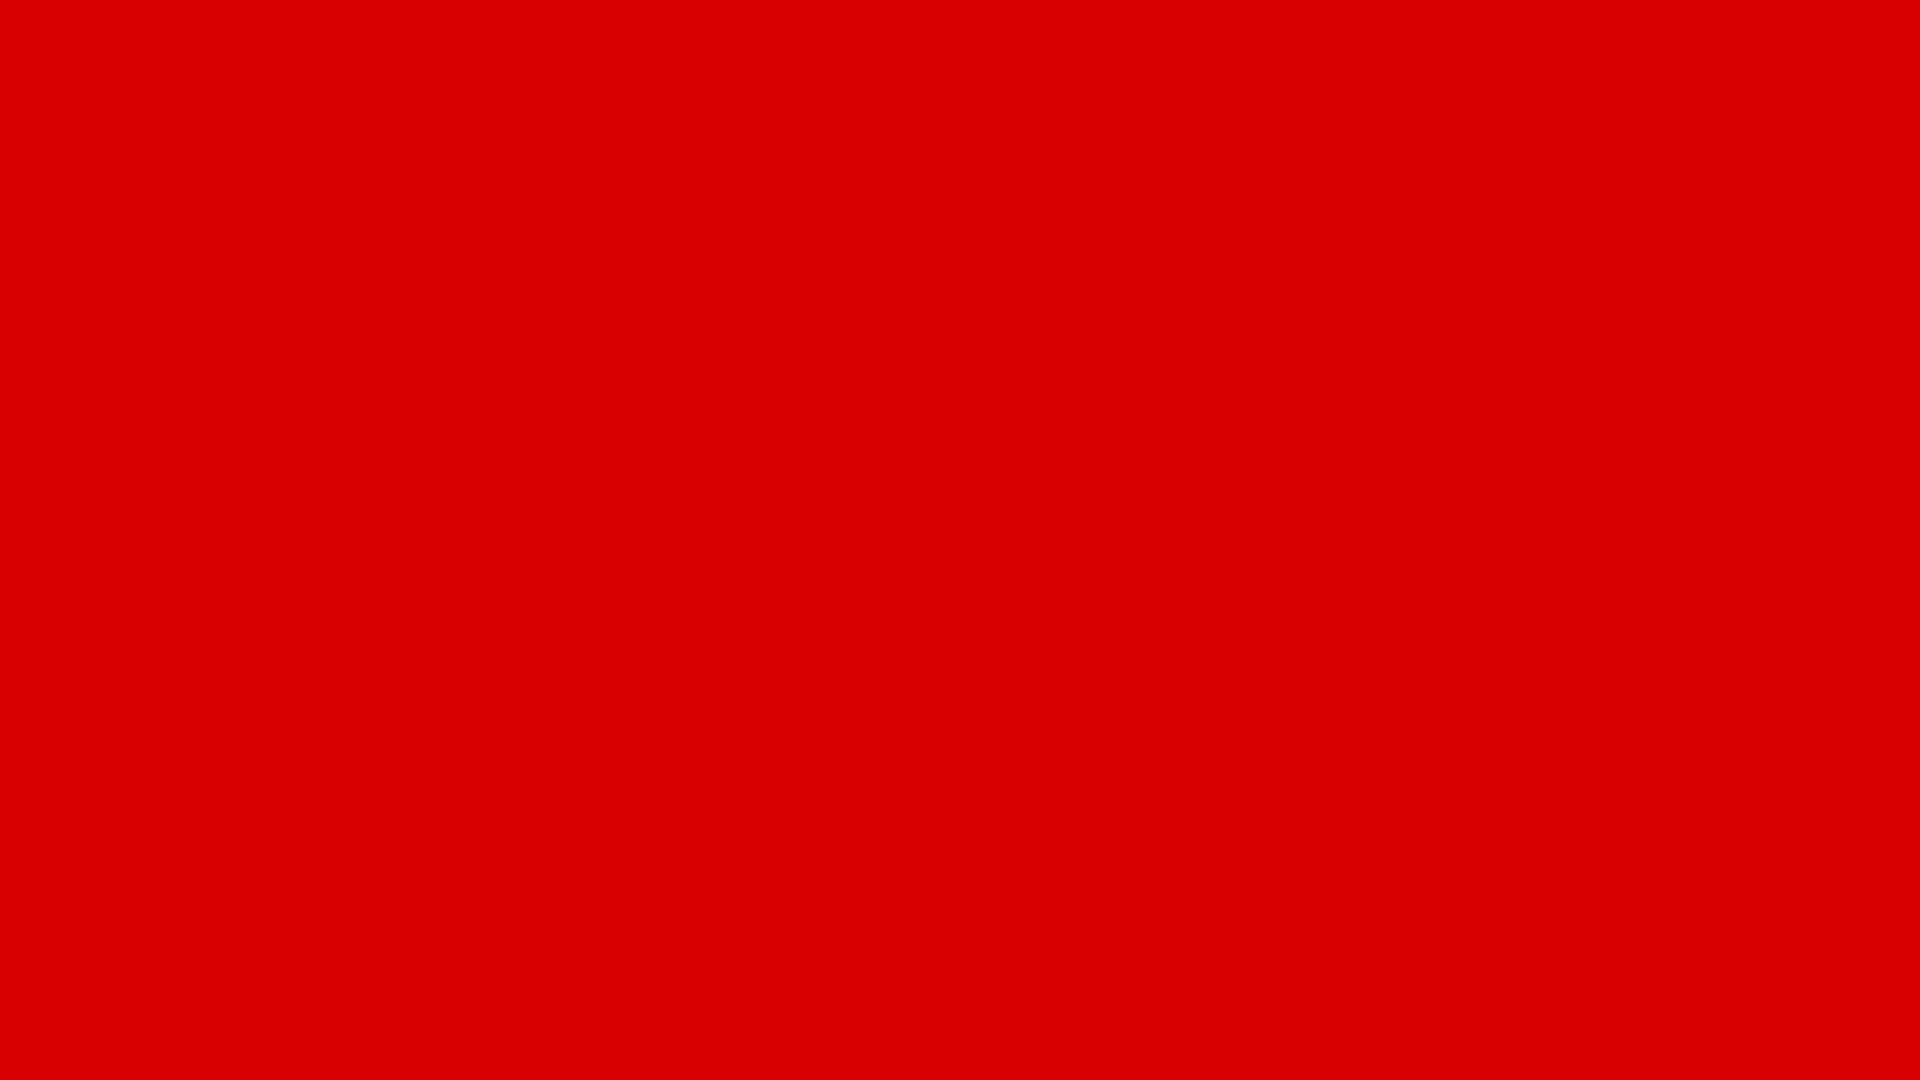 Hình nền màu đỏ thuần